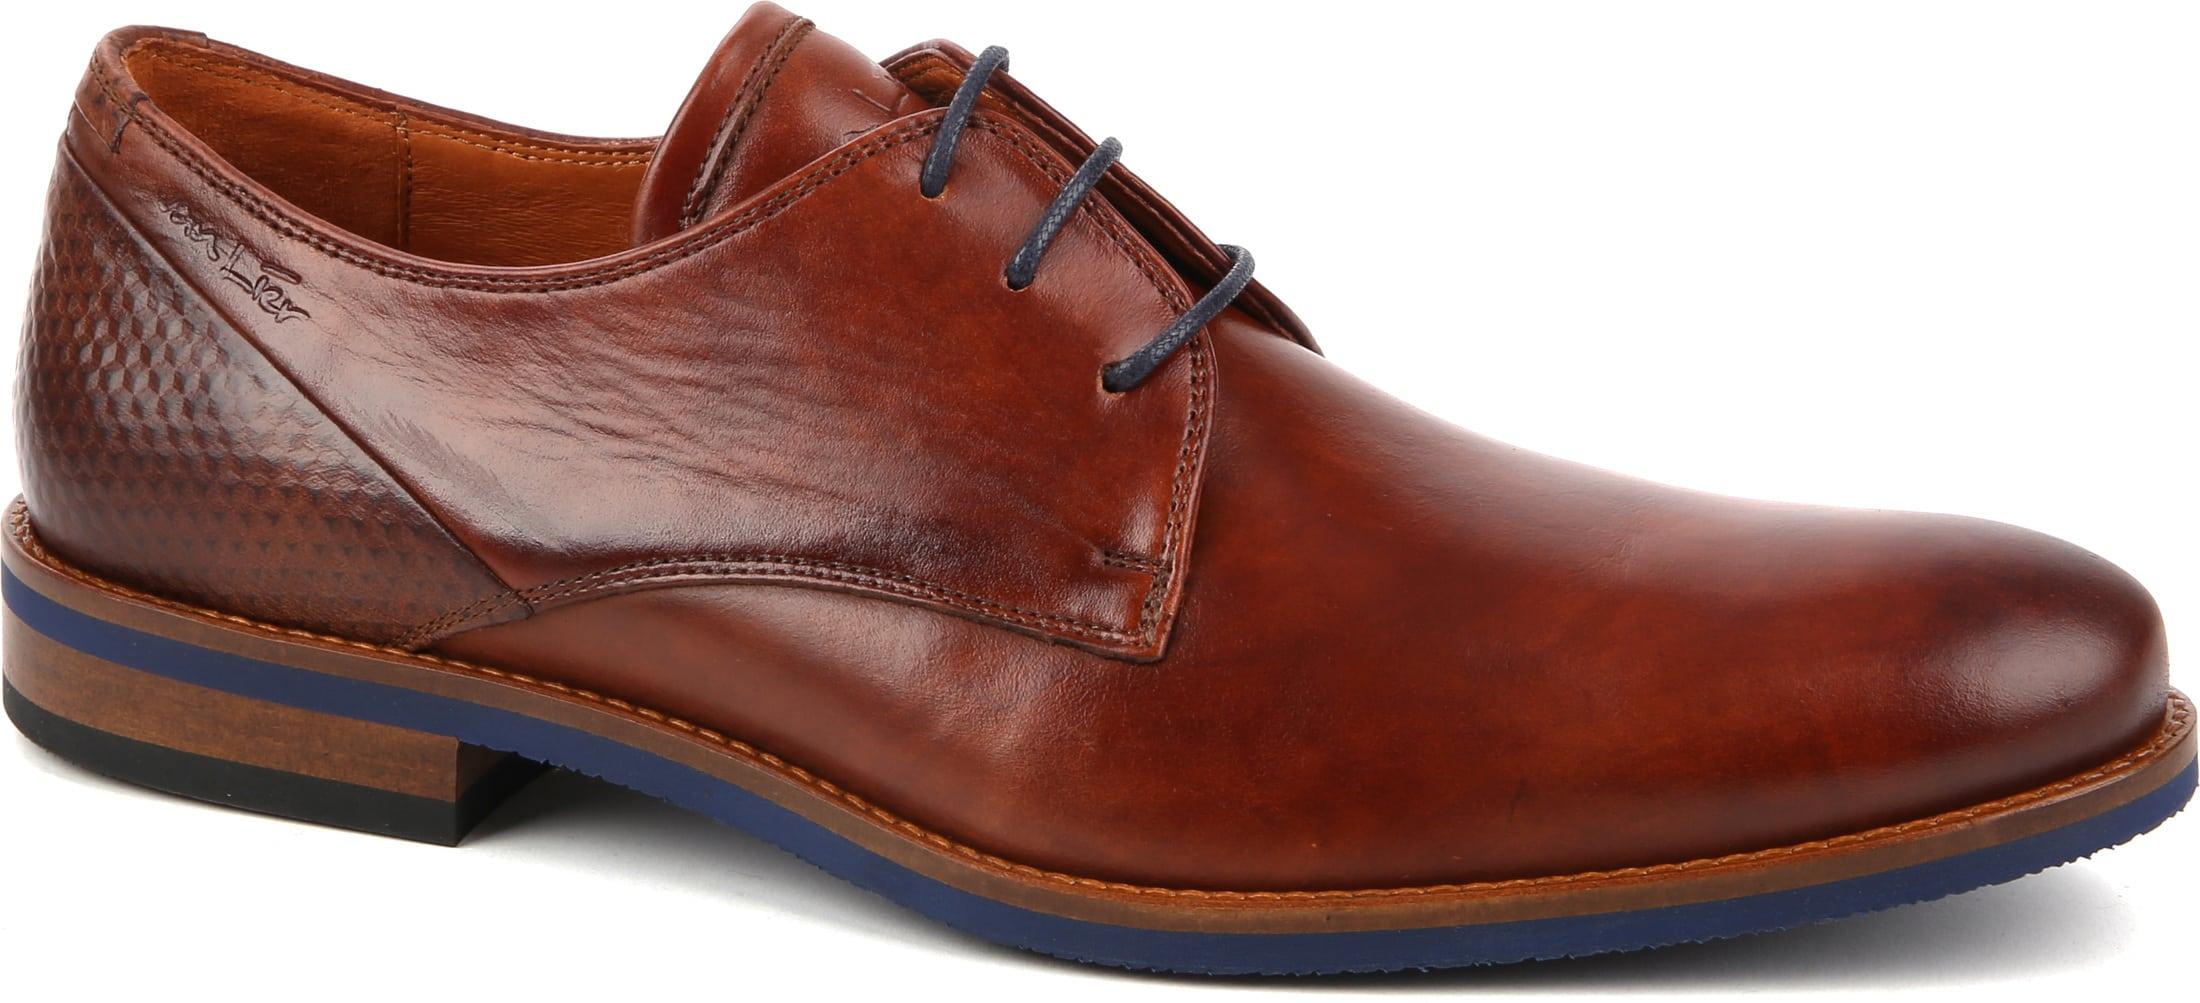 Van Lier Dress Shoes Nubuck Combi Cognac foto 0